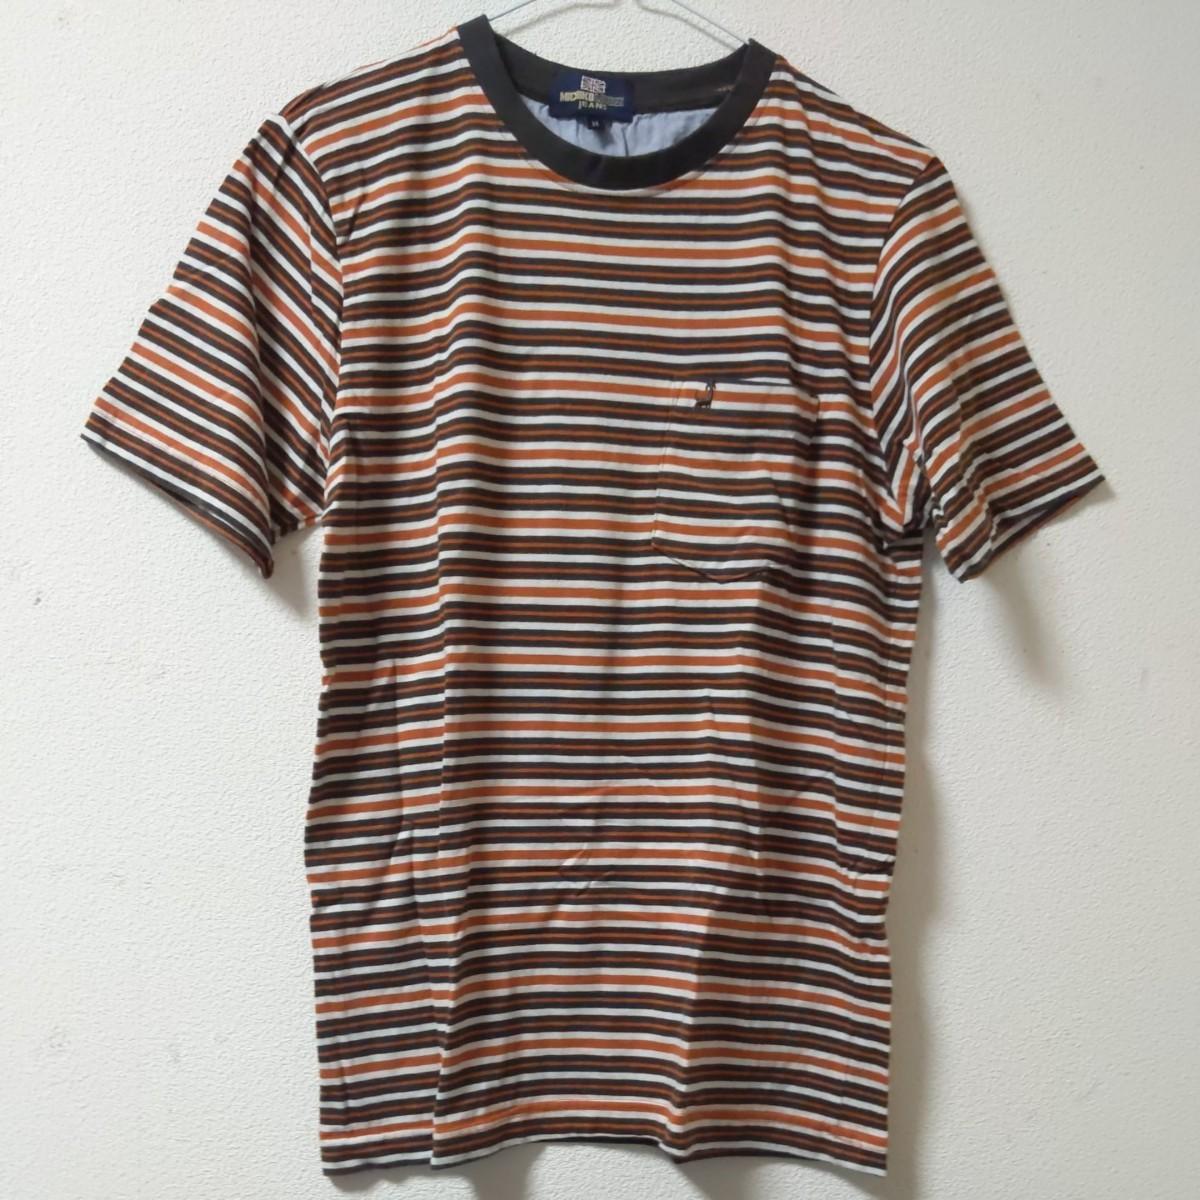 ボーダーTシャツ 2枚組 半袖Tシャツ